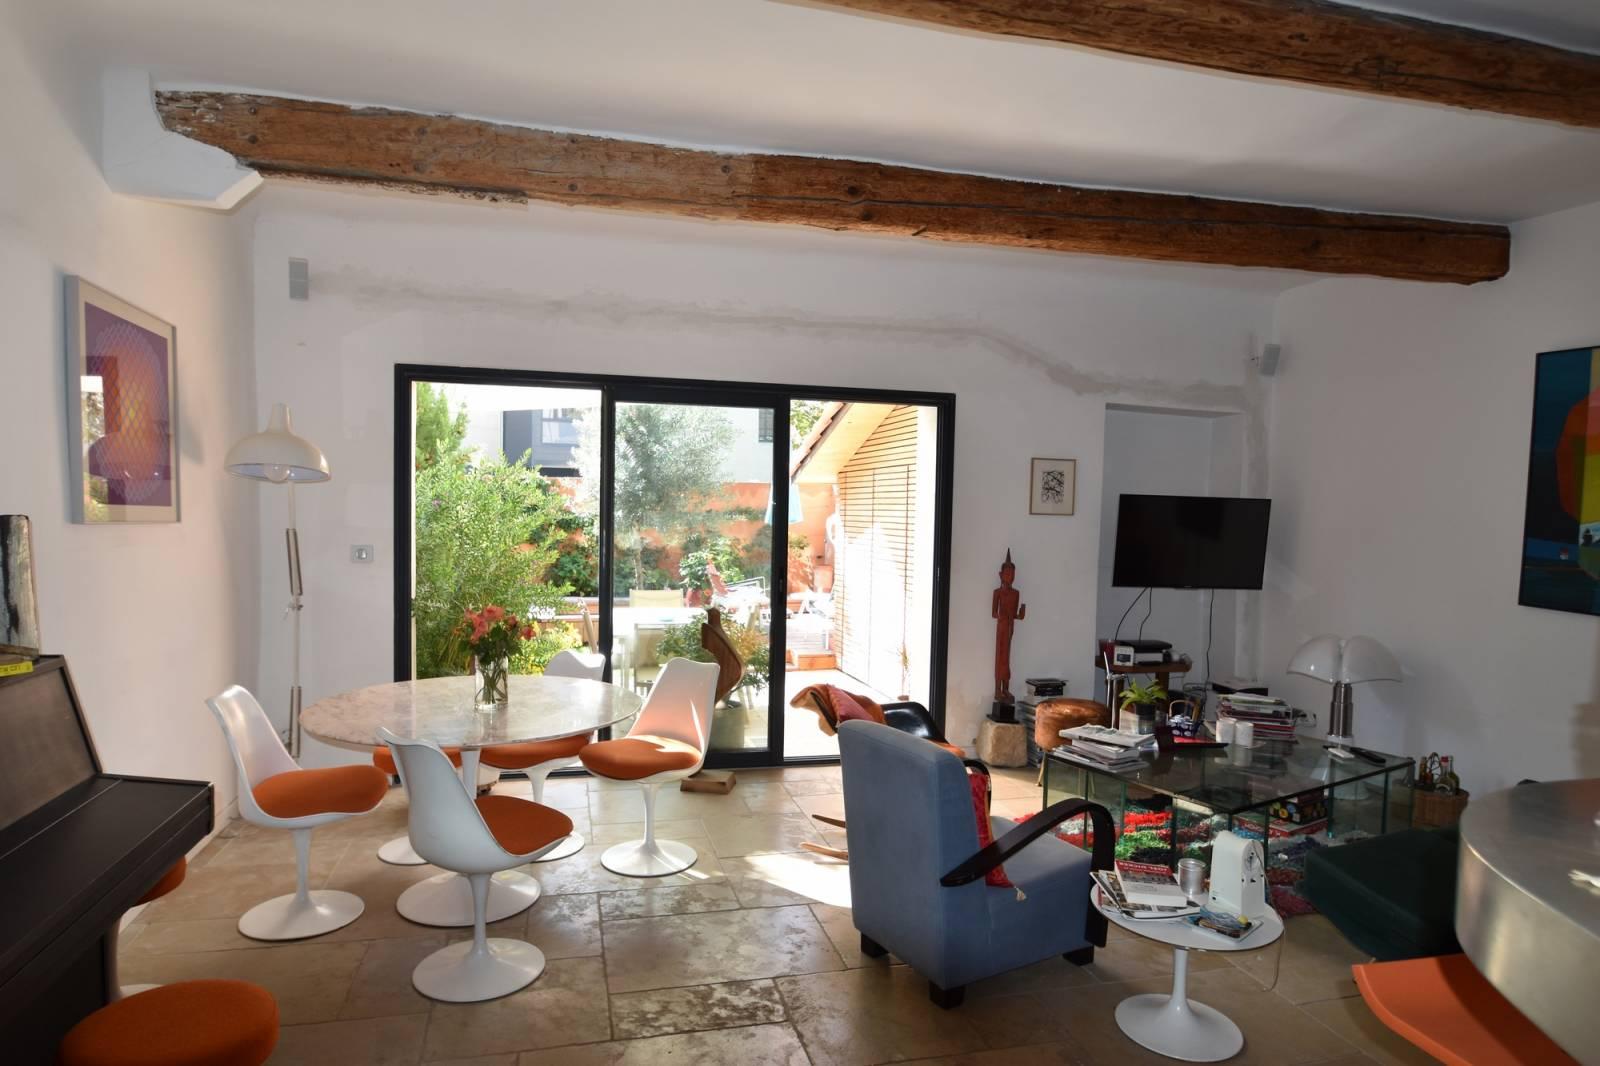 Architecte Pour Construction De Maison Aix En Provence ~ Surelevation Bois Aix En Provence